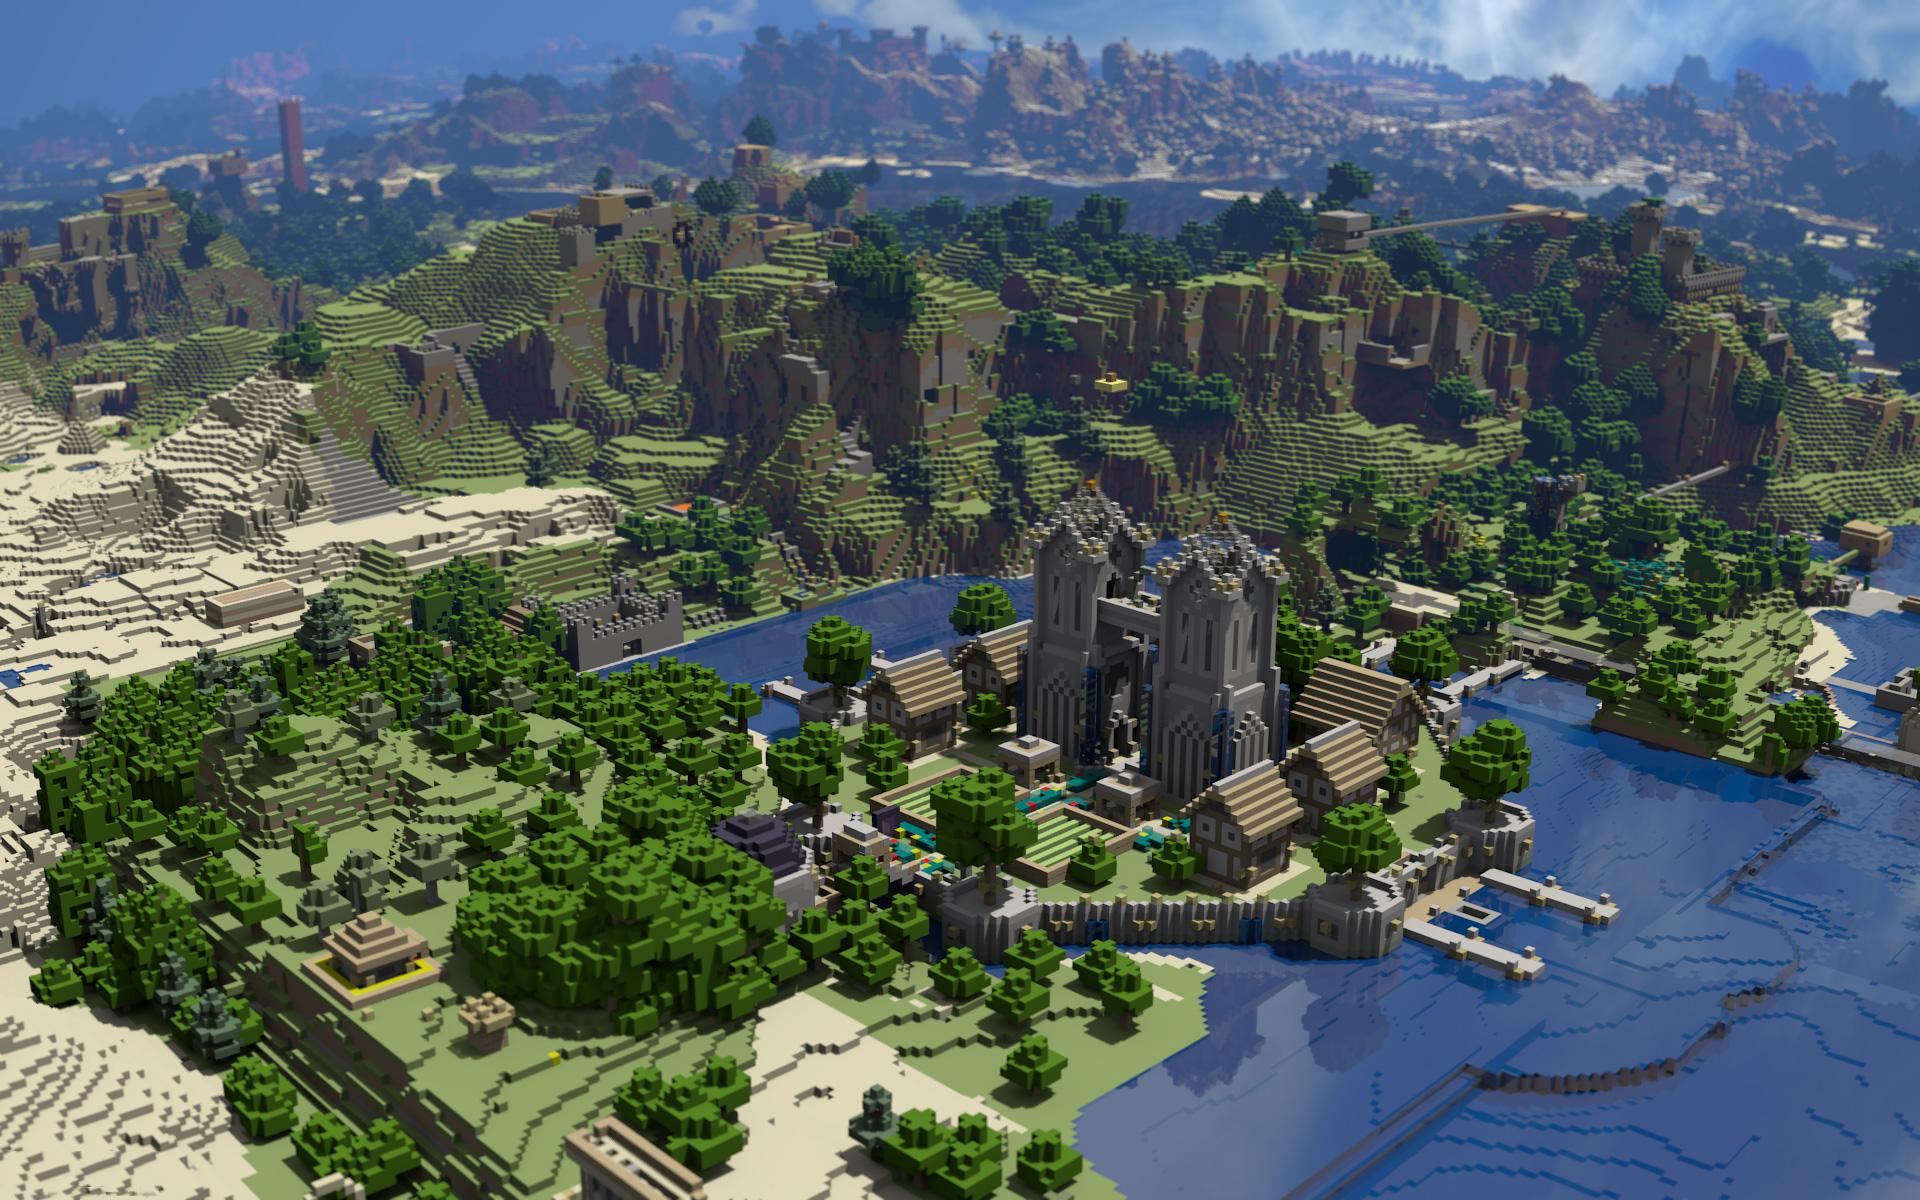 Hình nền Minecraft hùng vĩ